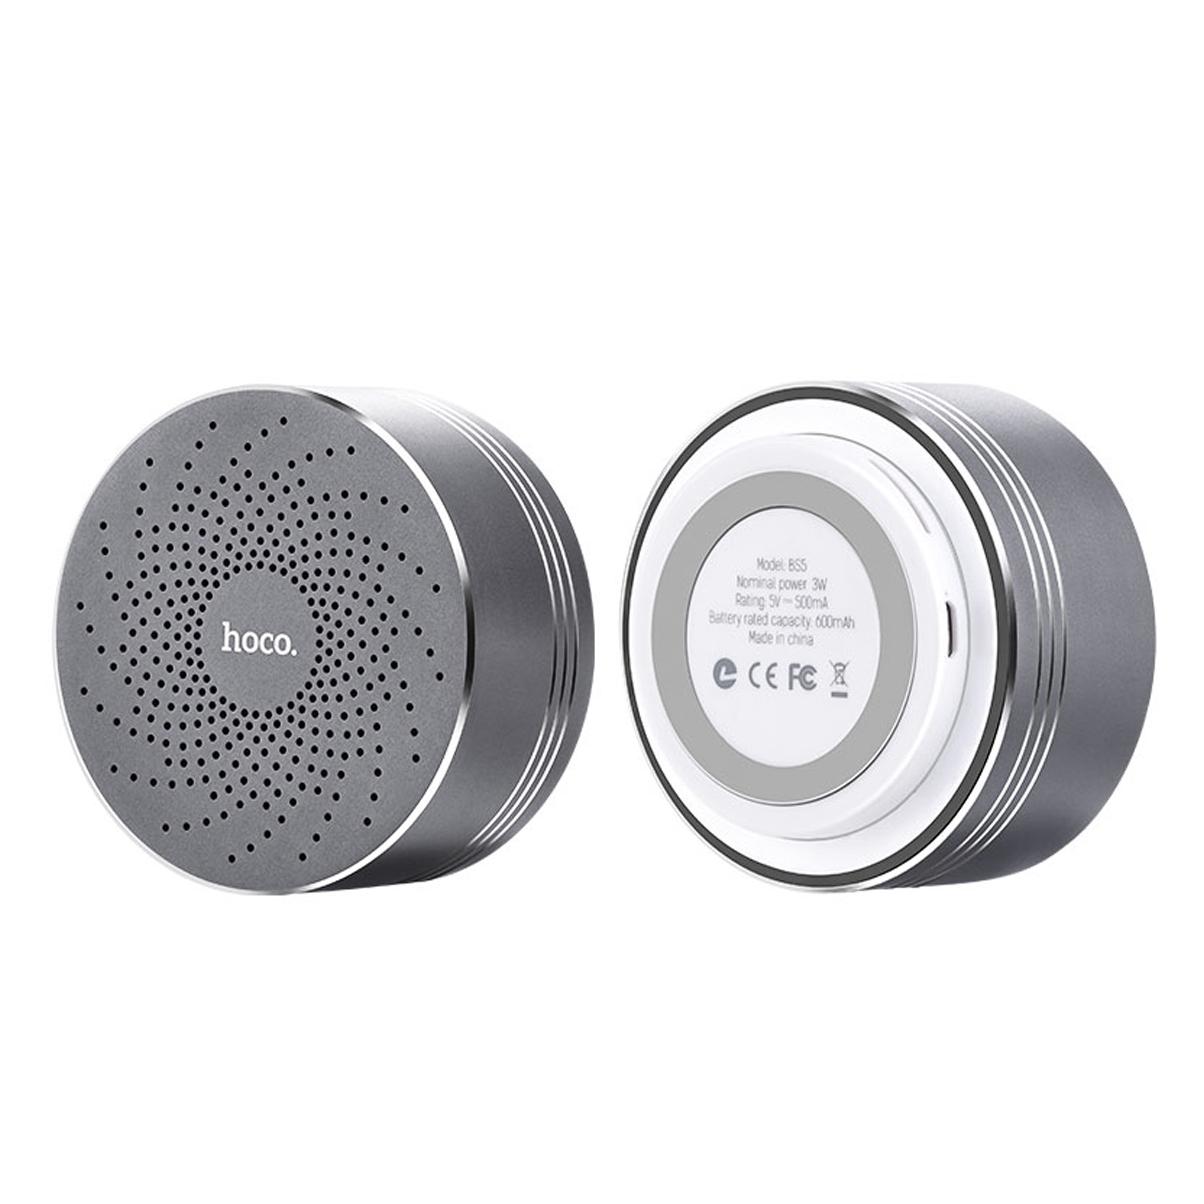 Loa Nghe Nhạc Bluetooth BS5 Hoco - Tặng Giá Đỡ Điện Thoại-Hàng Chính Hãng